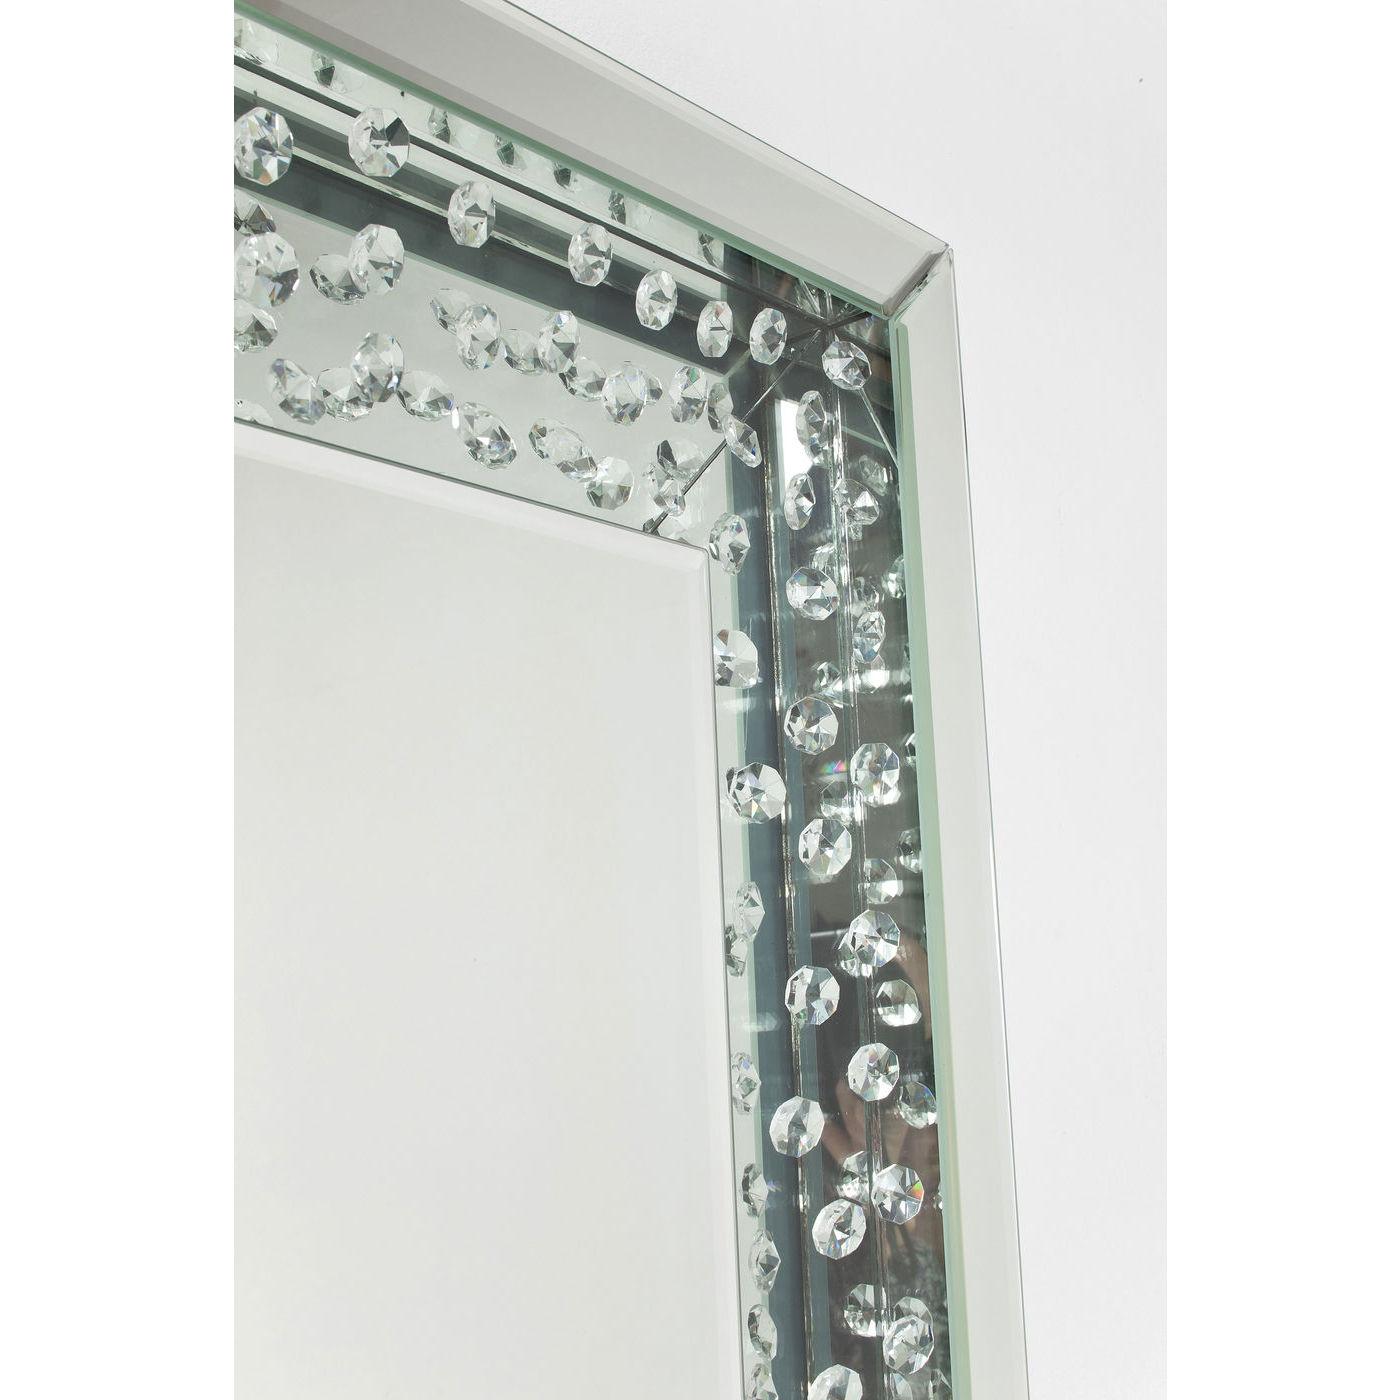 spejl med ramme Spejl, m. Ramme Raindrops 120x80cm. Anderledes ramme spejl med ramme